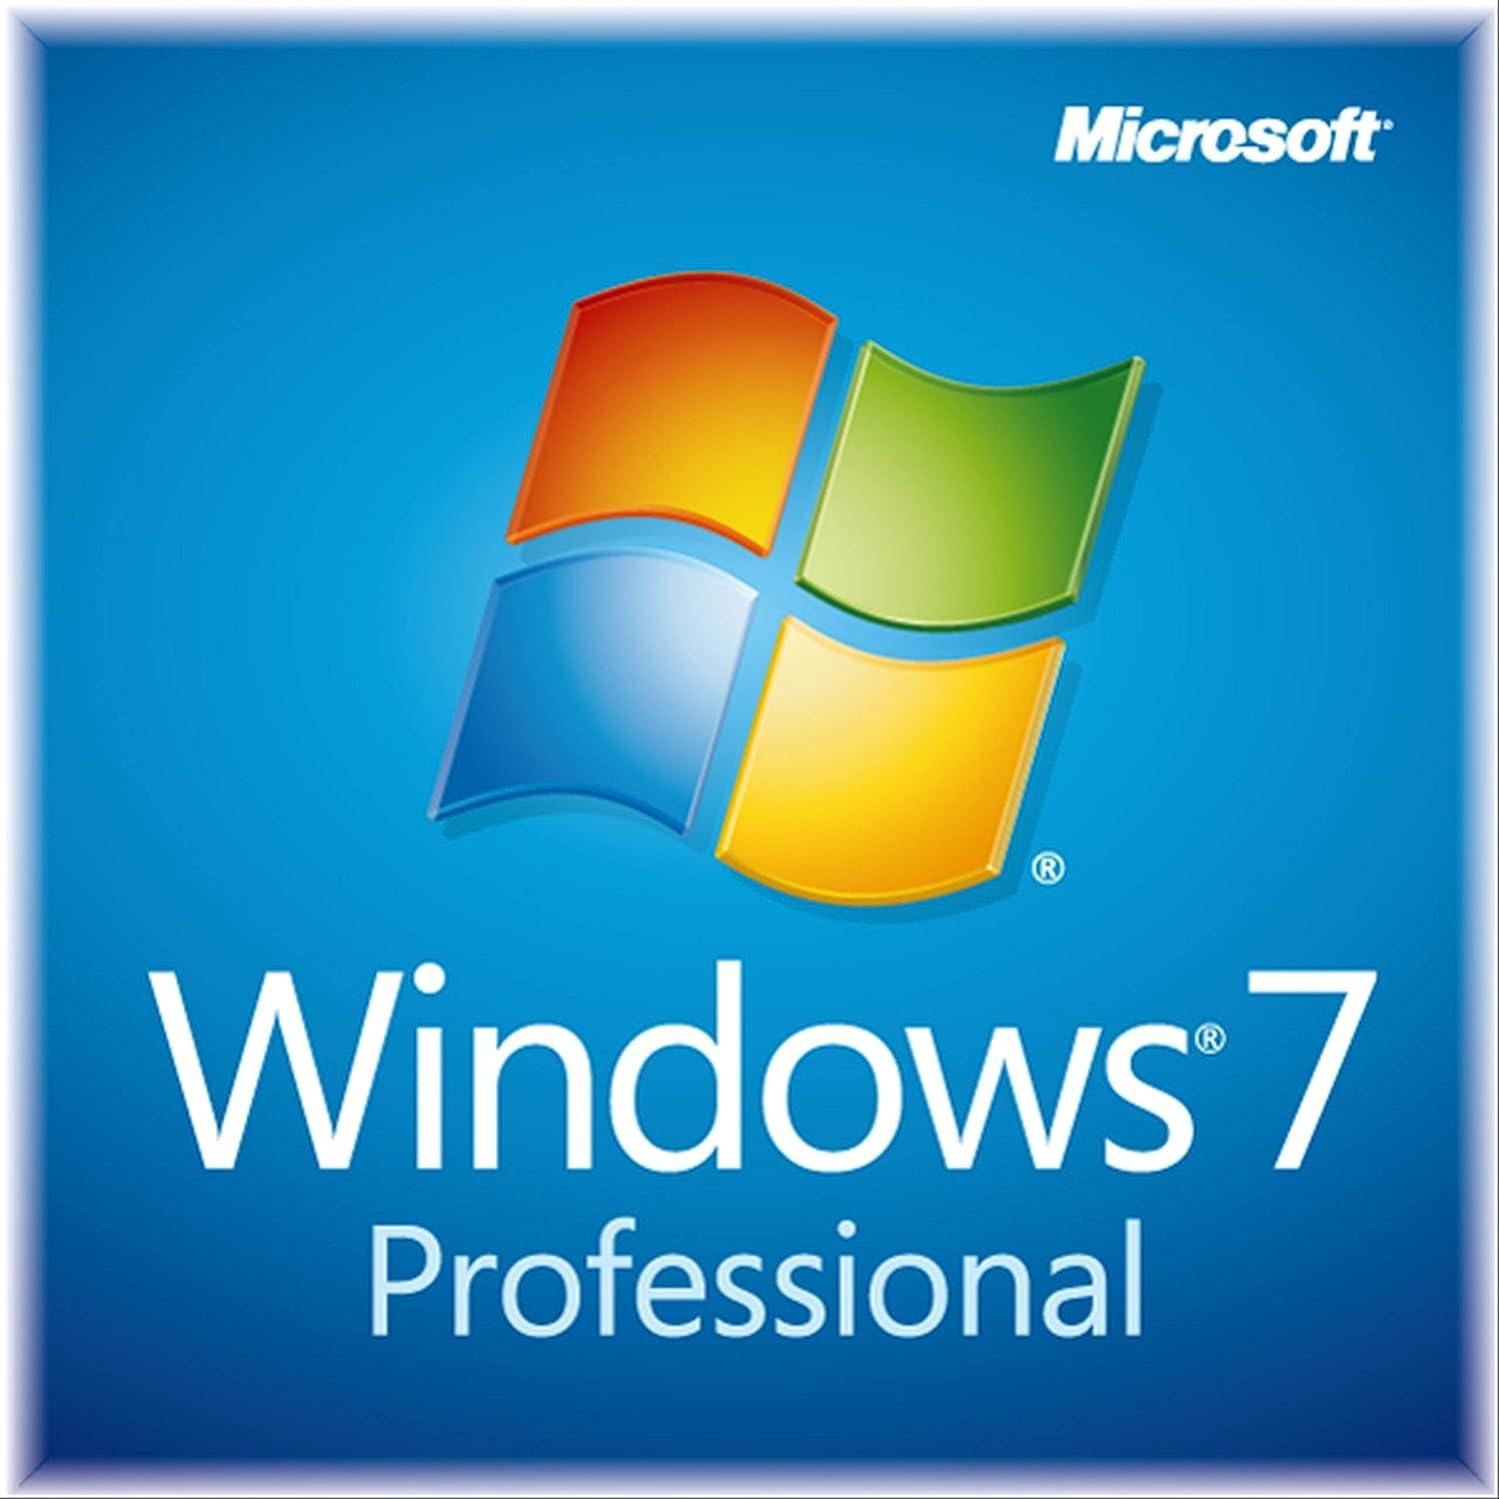 本能ひまわりブレイズ【旧商品】Microsoft Windows7 Professional 32bit  Service Pack 1 日本語 DSP版 DVD 【LANボードセット品】